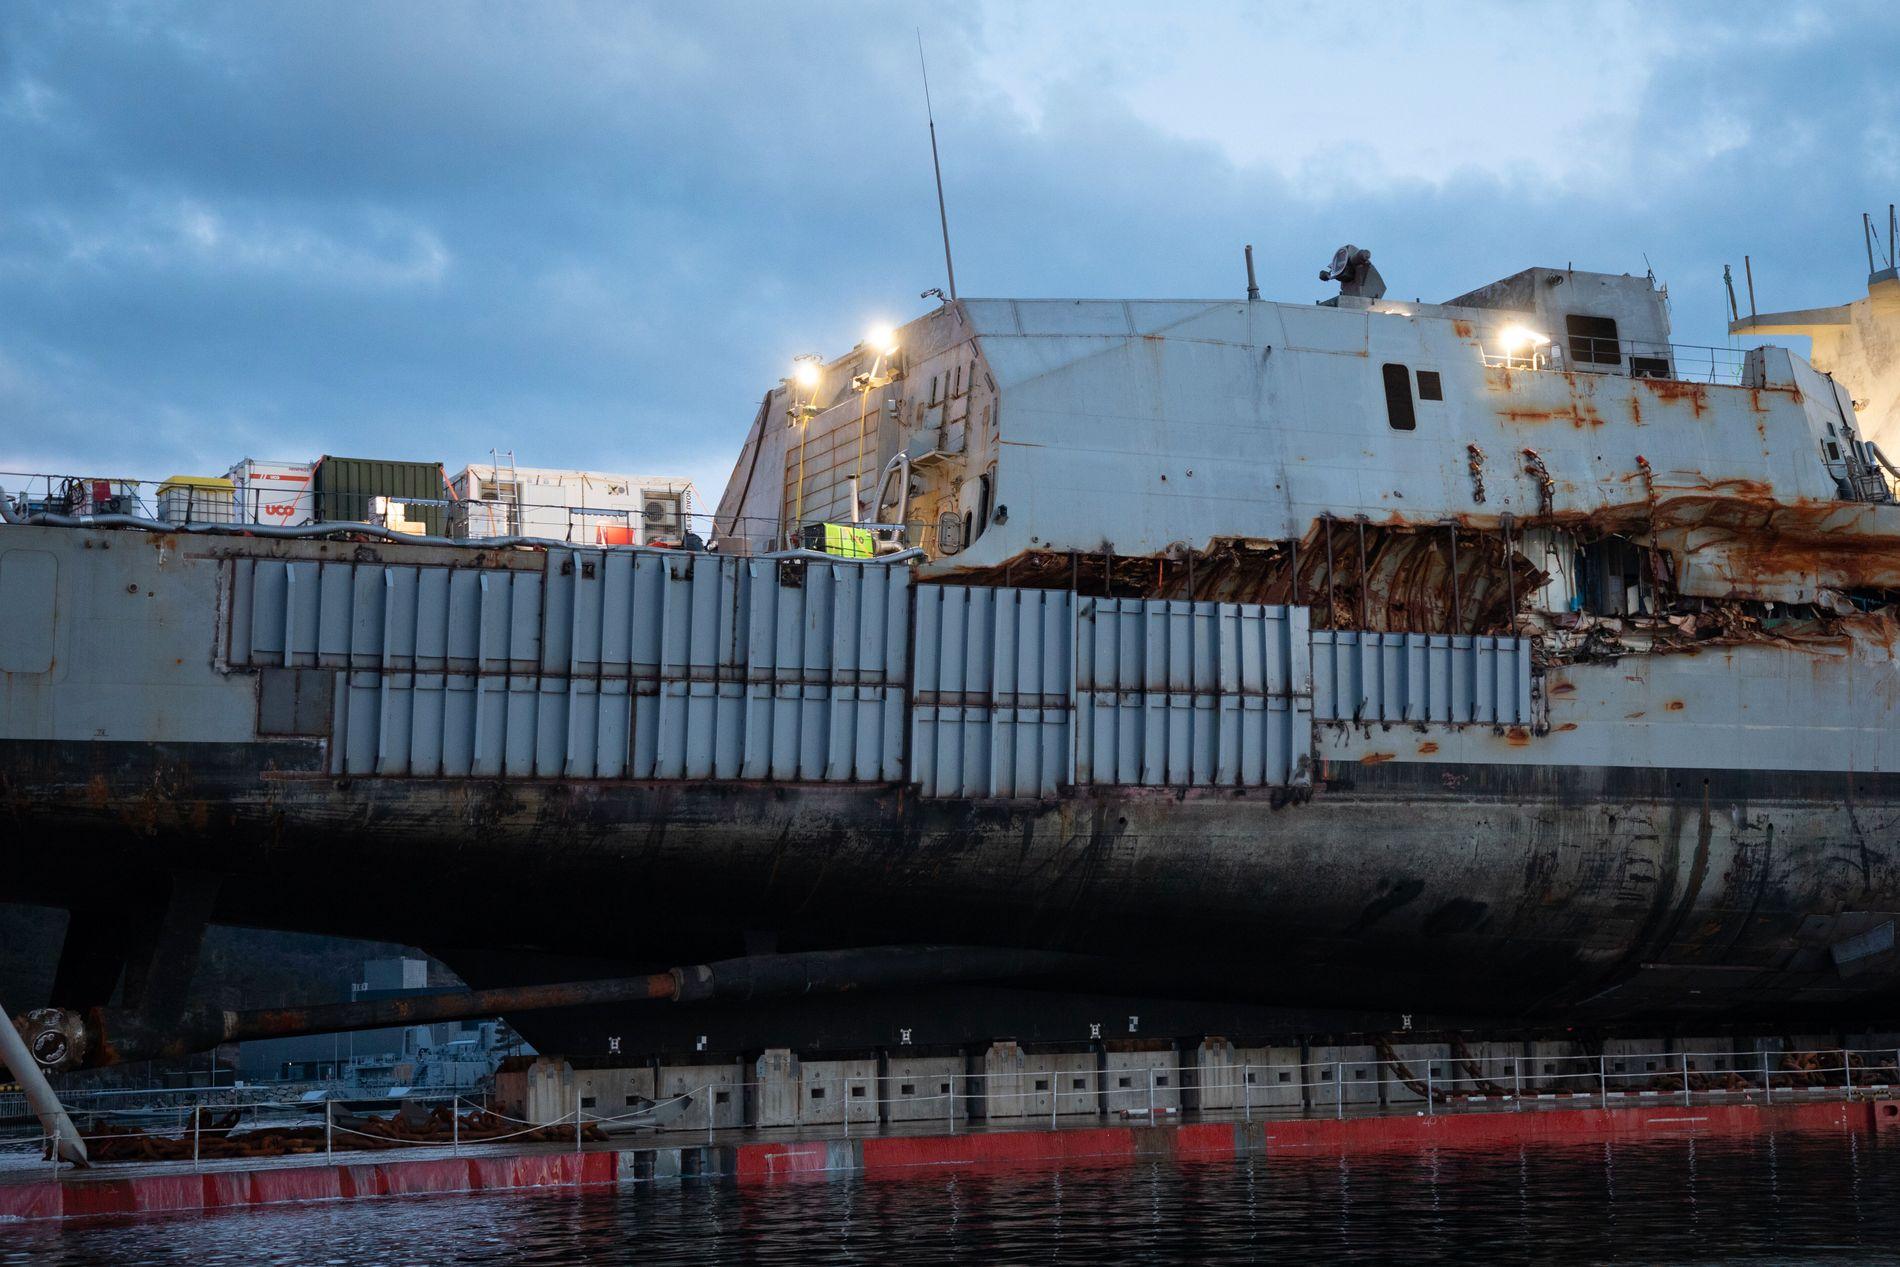 MIDLERTIDIG TETTET: De store skrogskadene på fregatten er påsveist mange stålplater, og skal nå gjøre skipet flytedyktig igjen.